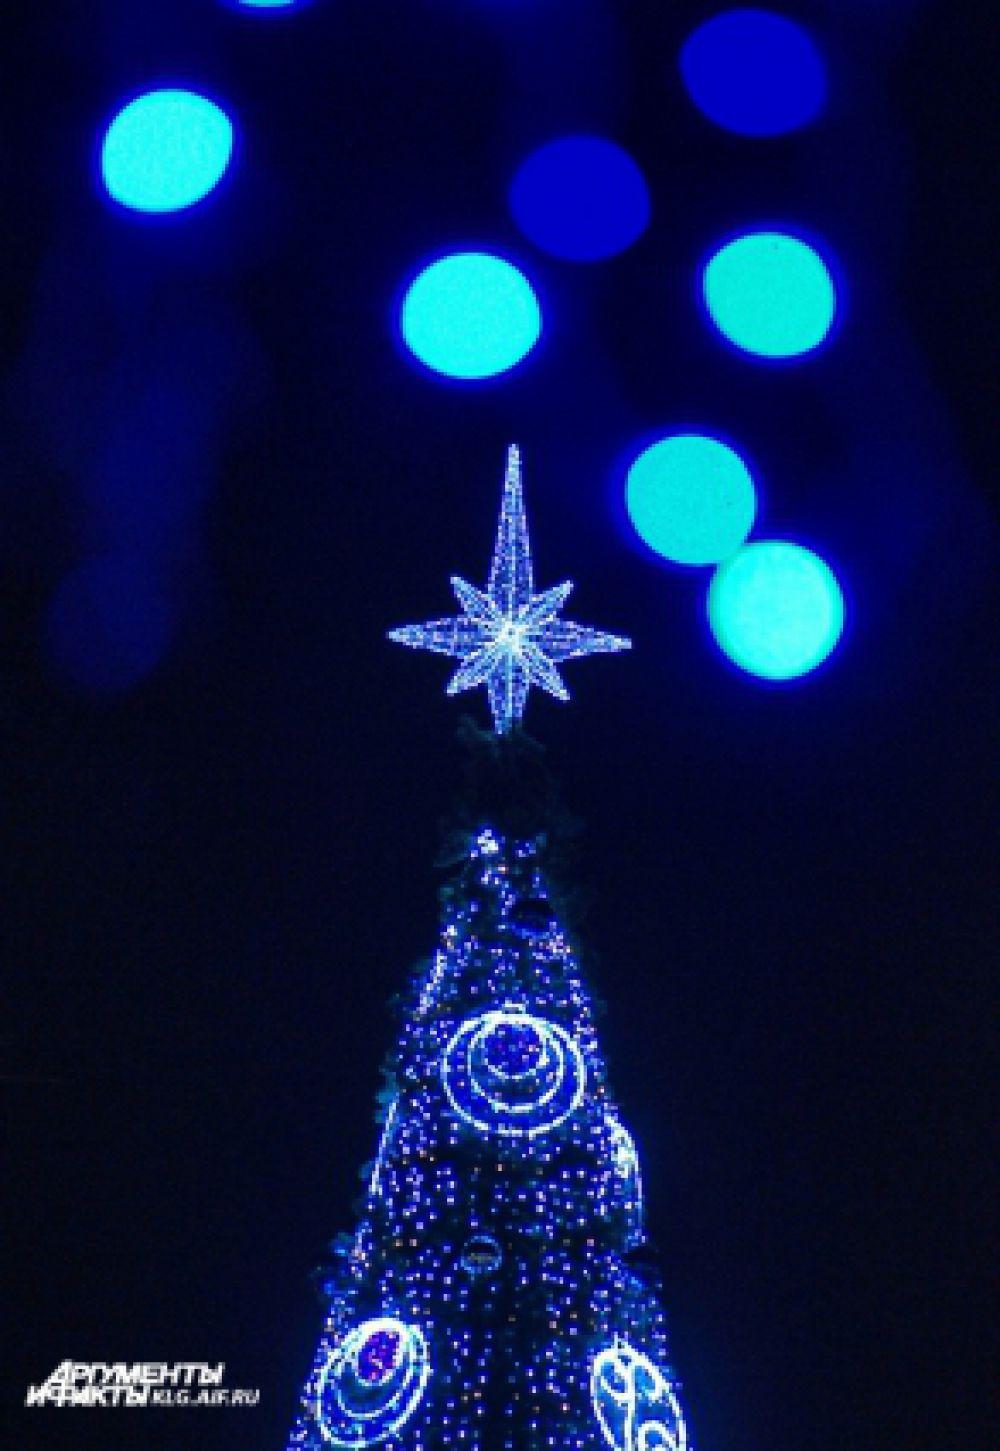 На макушку праздничного дерева надели полутораметровую «Полярную звезду».